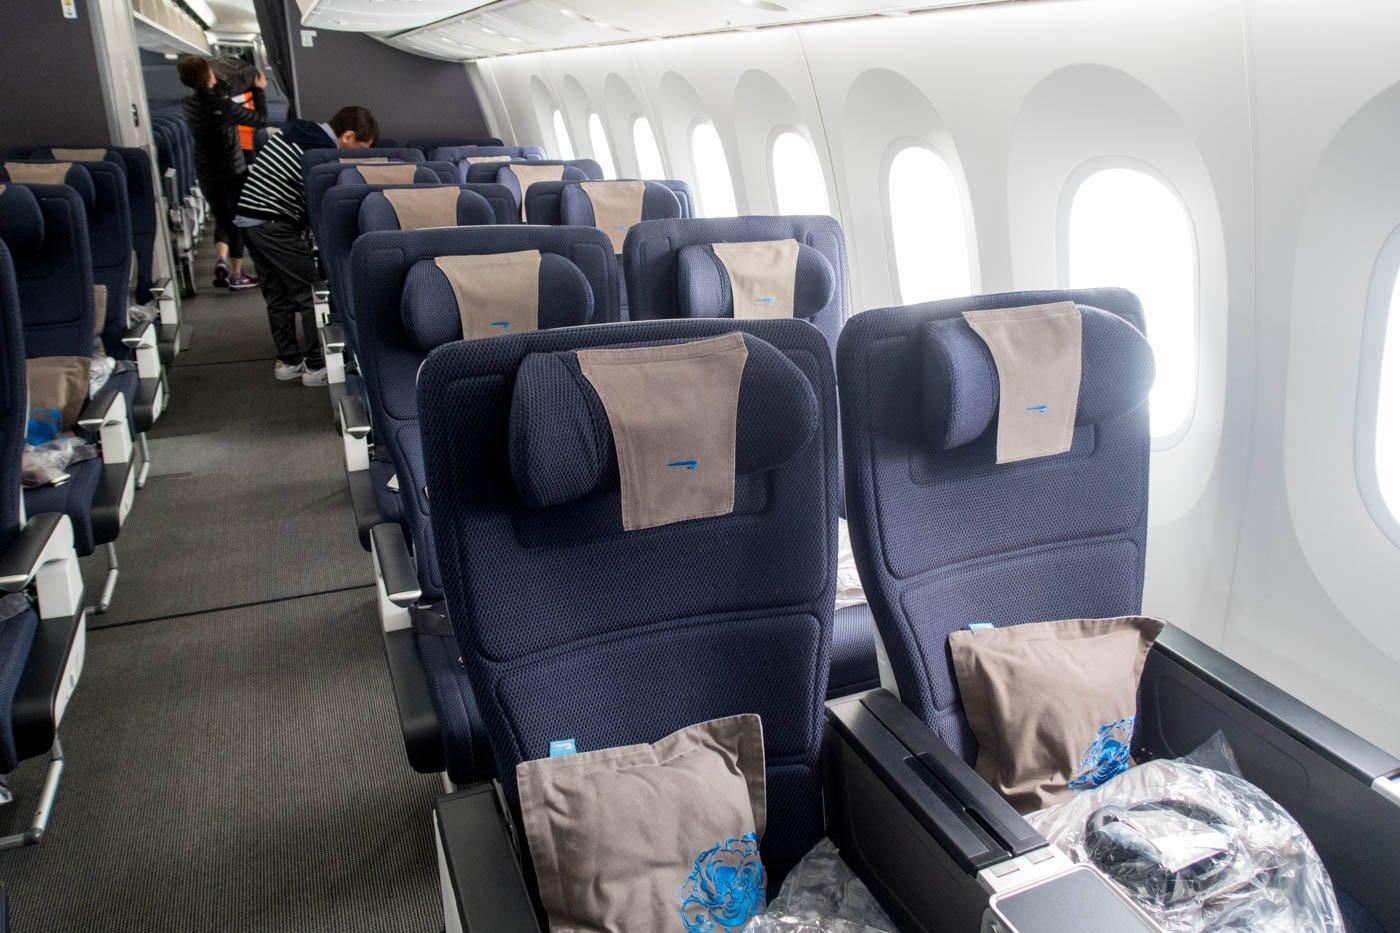 British Airways 787-9 Premium Economy Class